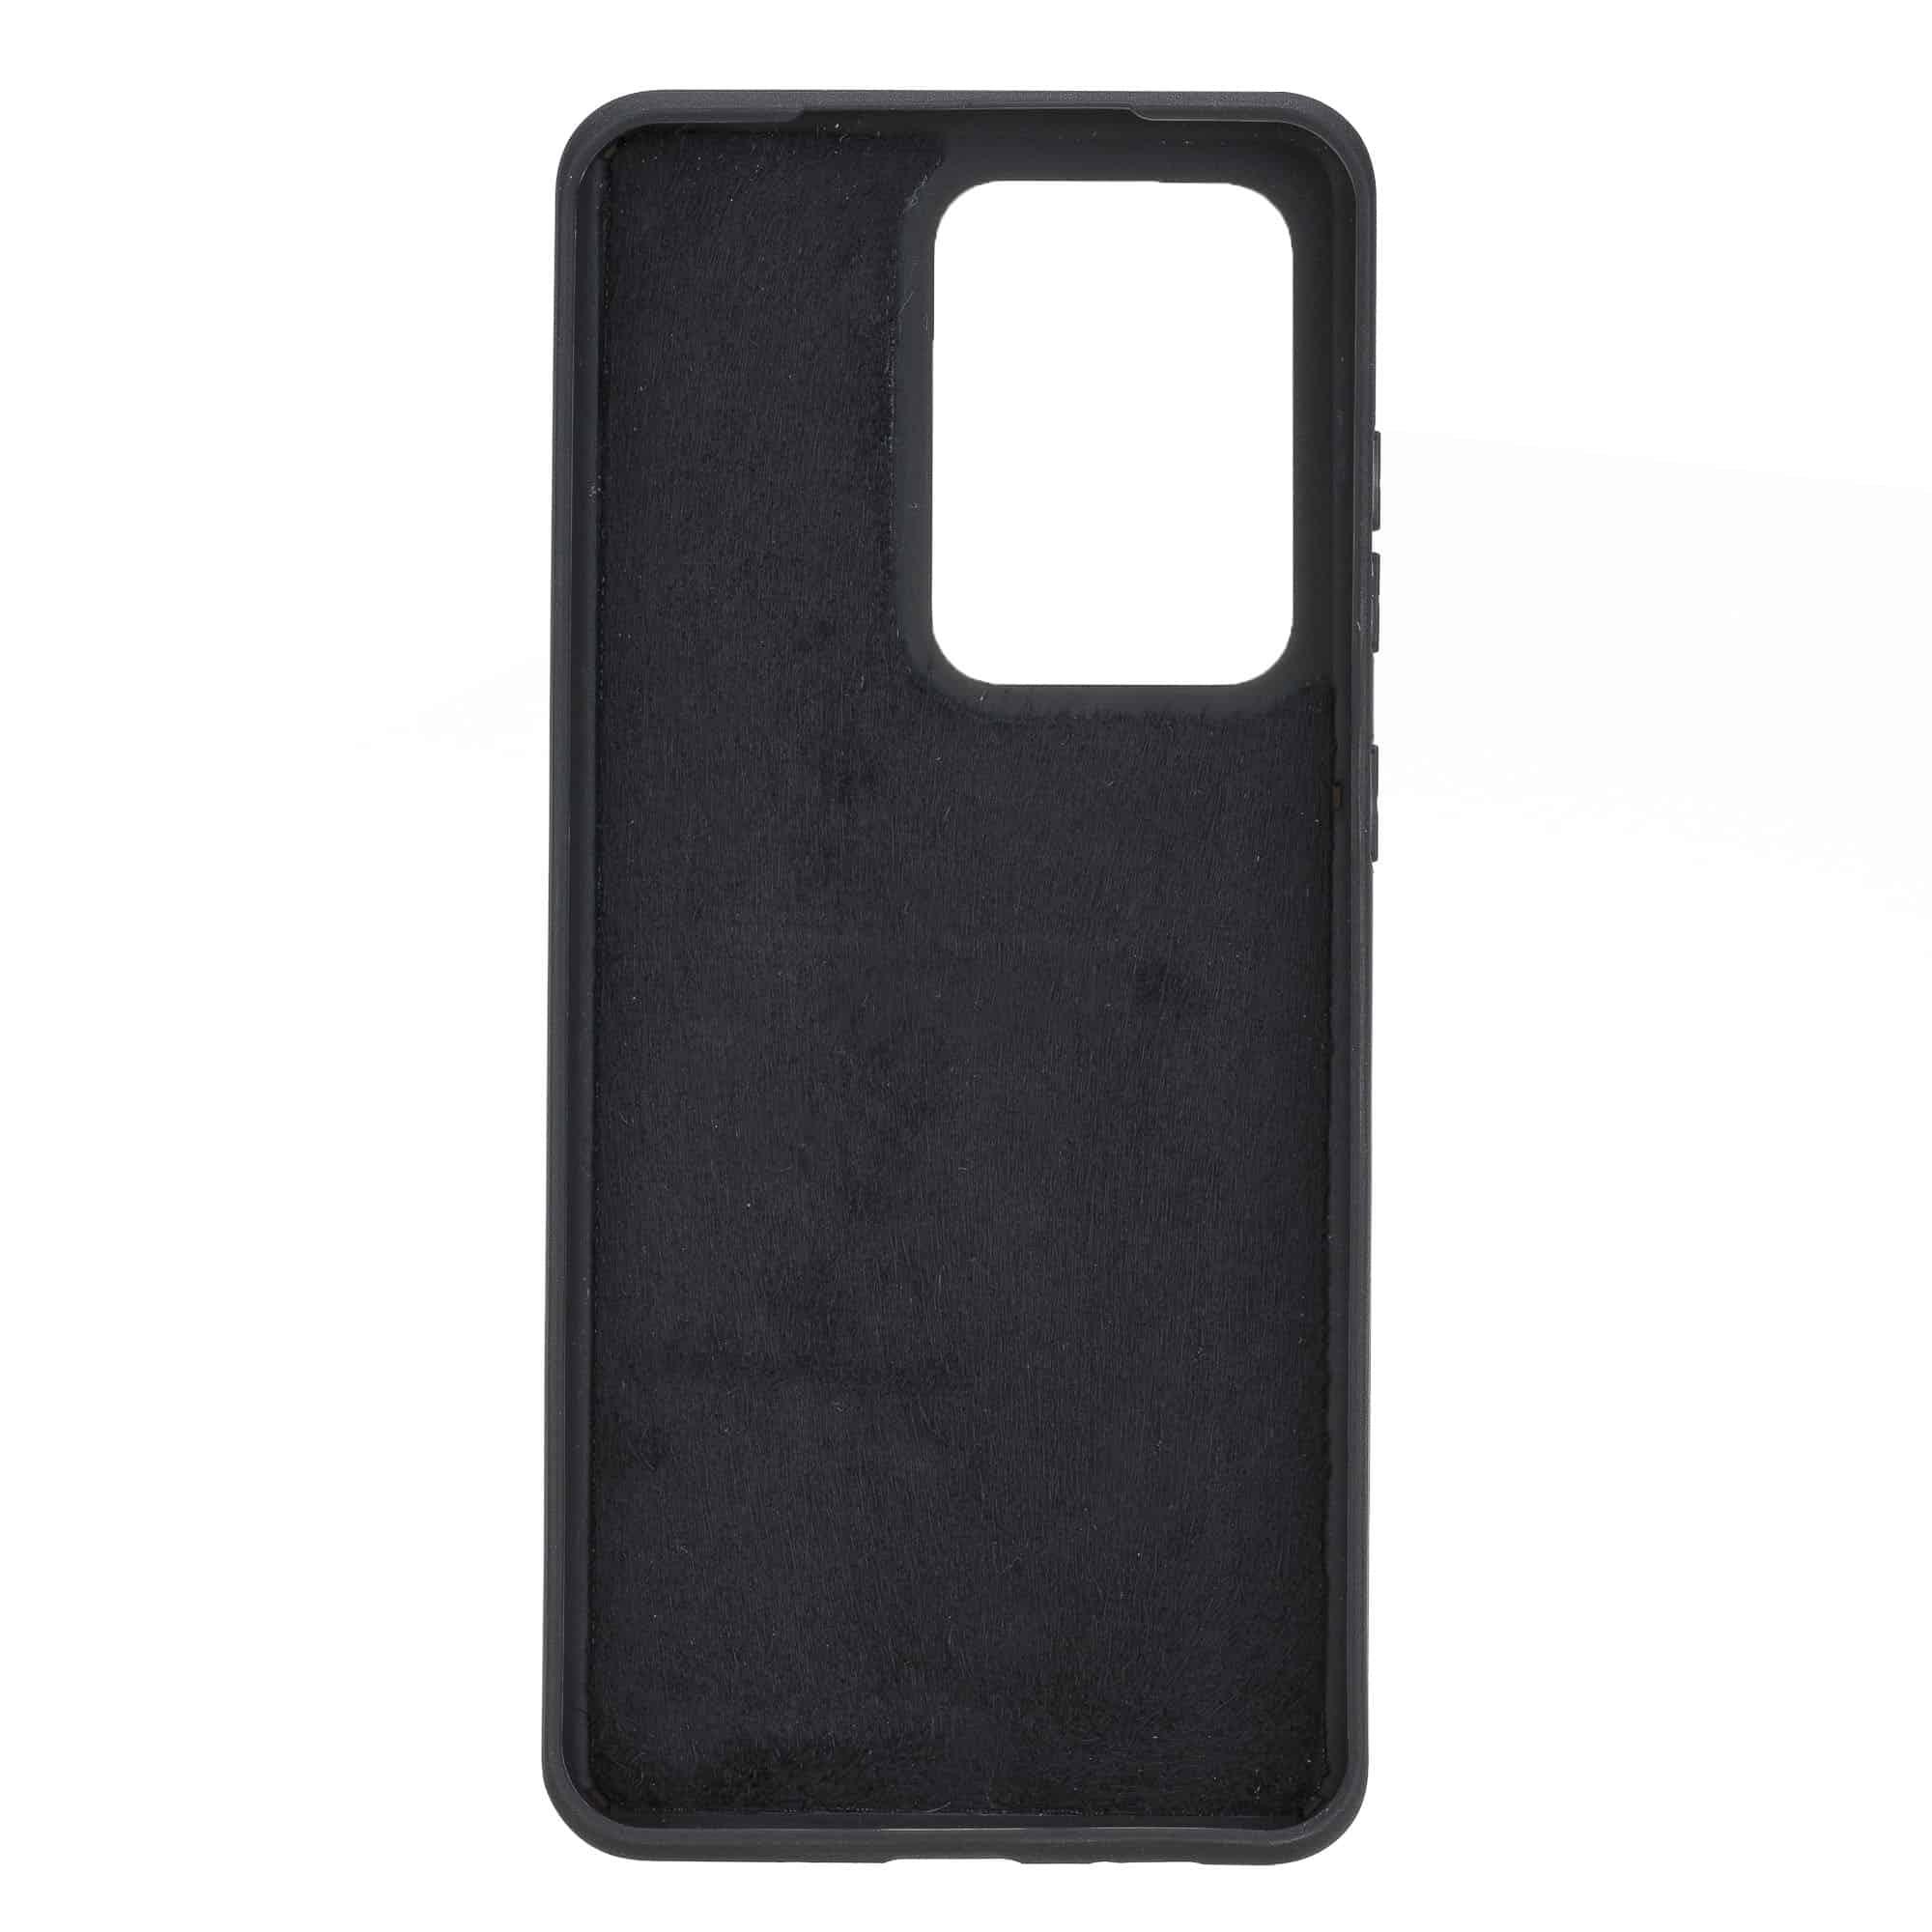 Solo Pelle Lederhülle für das Samsung Galaxy Note 20 Ultra Hülle aus echtem Leder, Model: Stanford (Matt Schwarz)